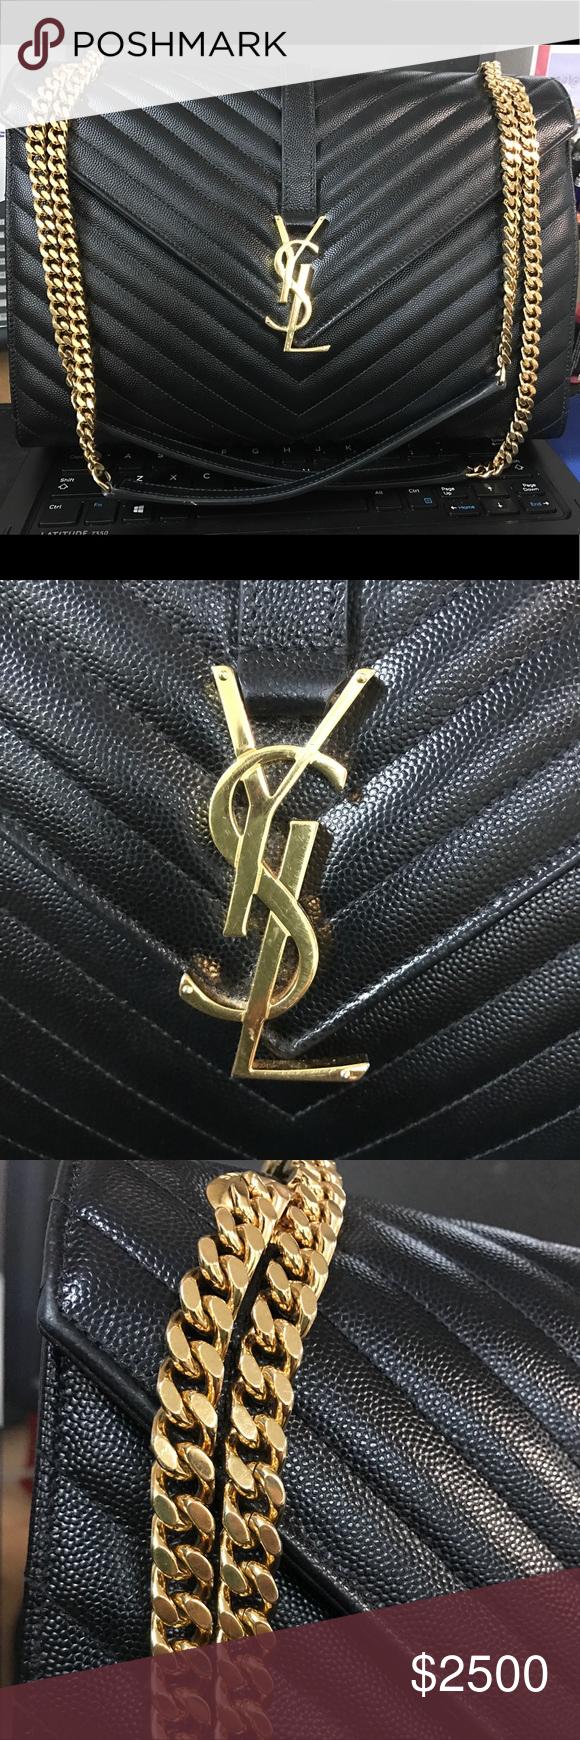 d9942bb420c1 Authentic YSL Large Envelope Bag Large Envelope Chain Bag in black Grain De  Poudre Textured Matelasse